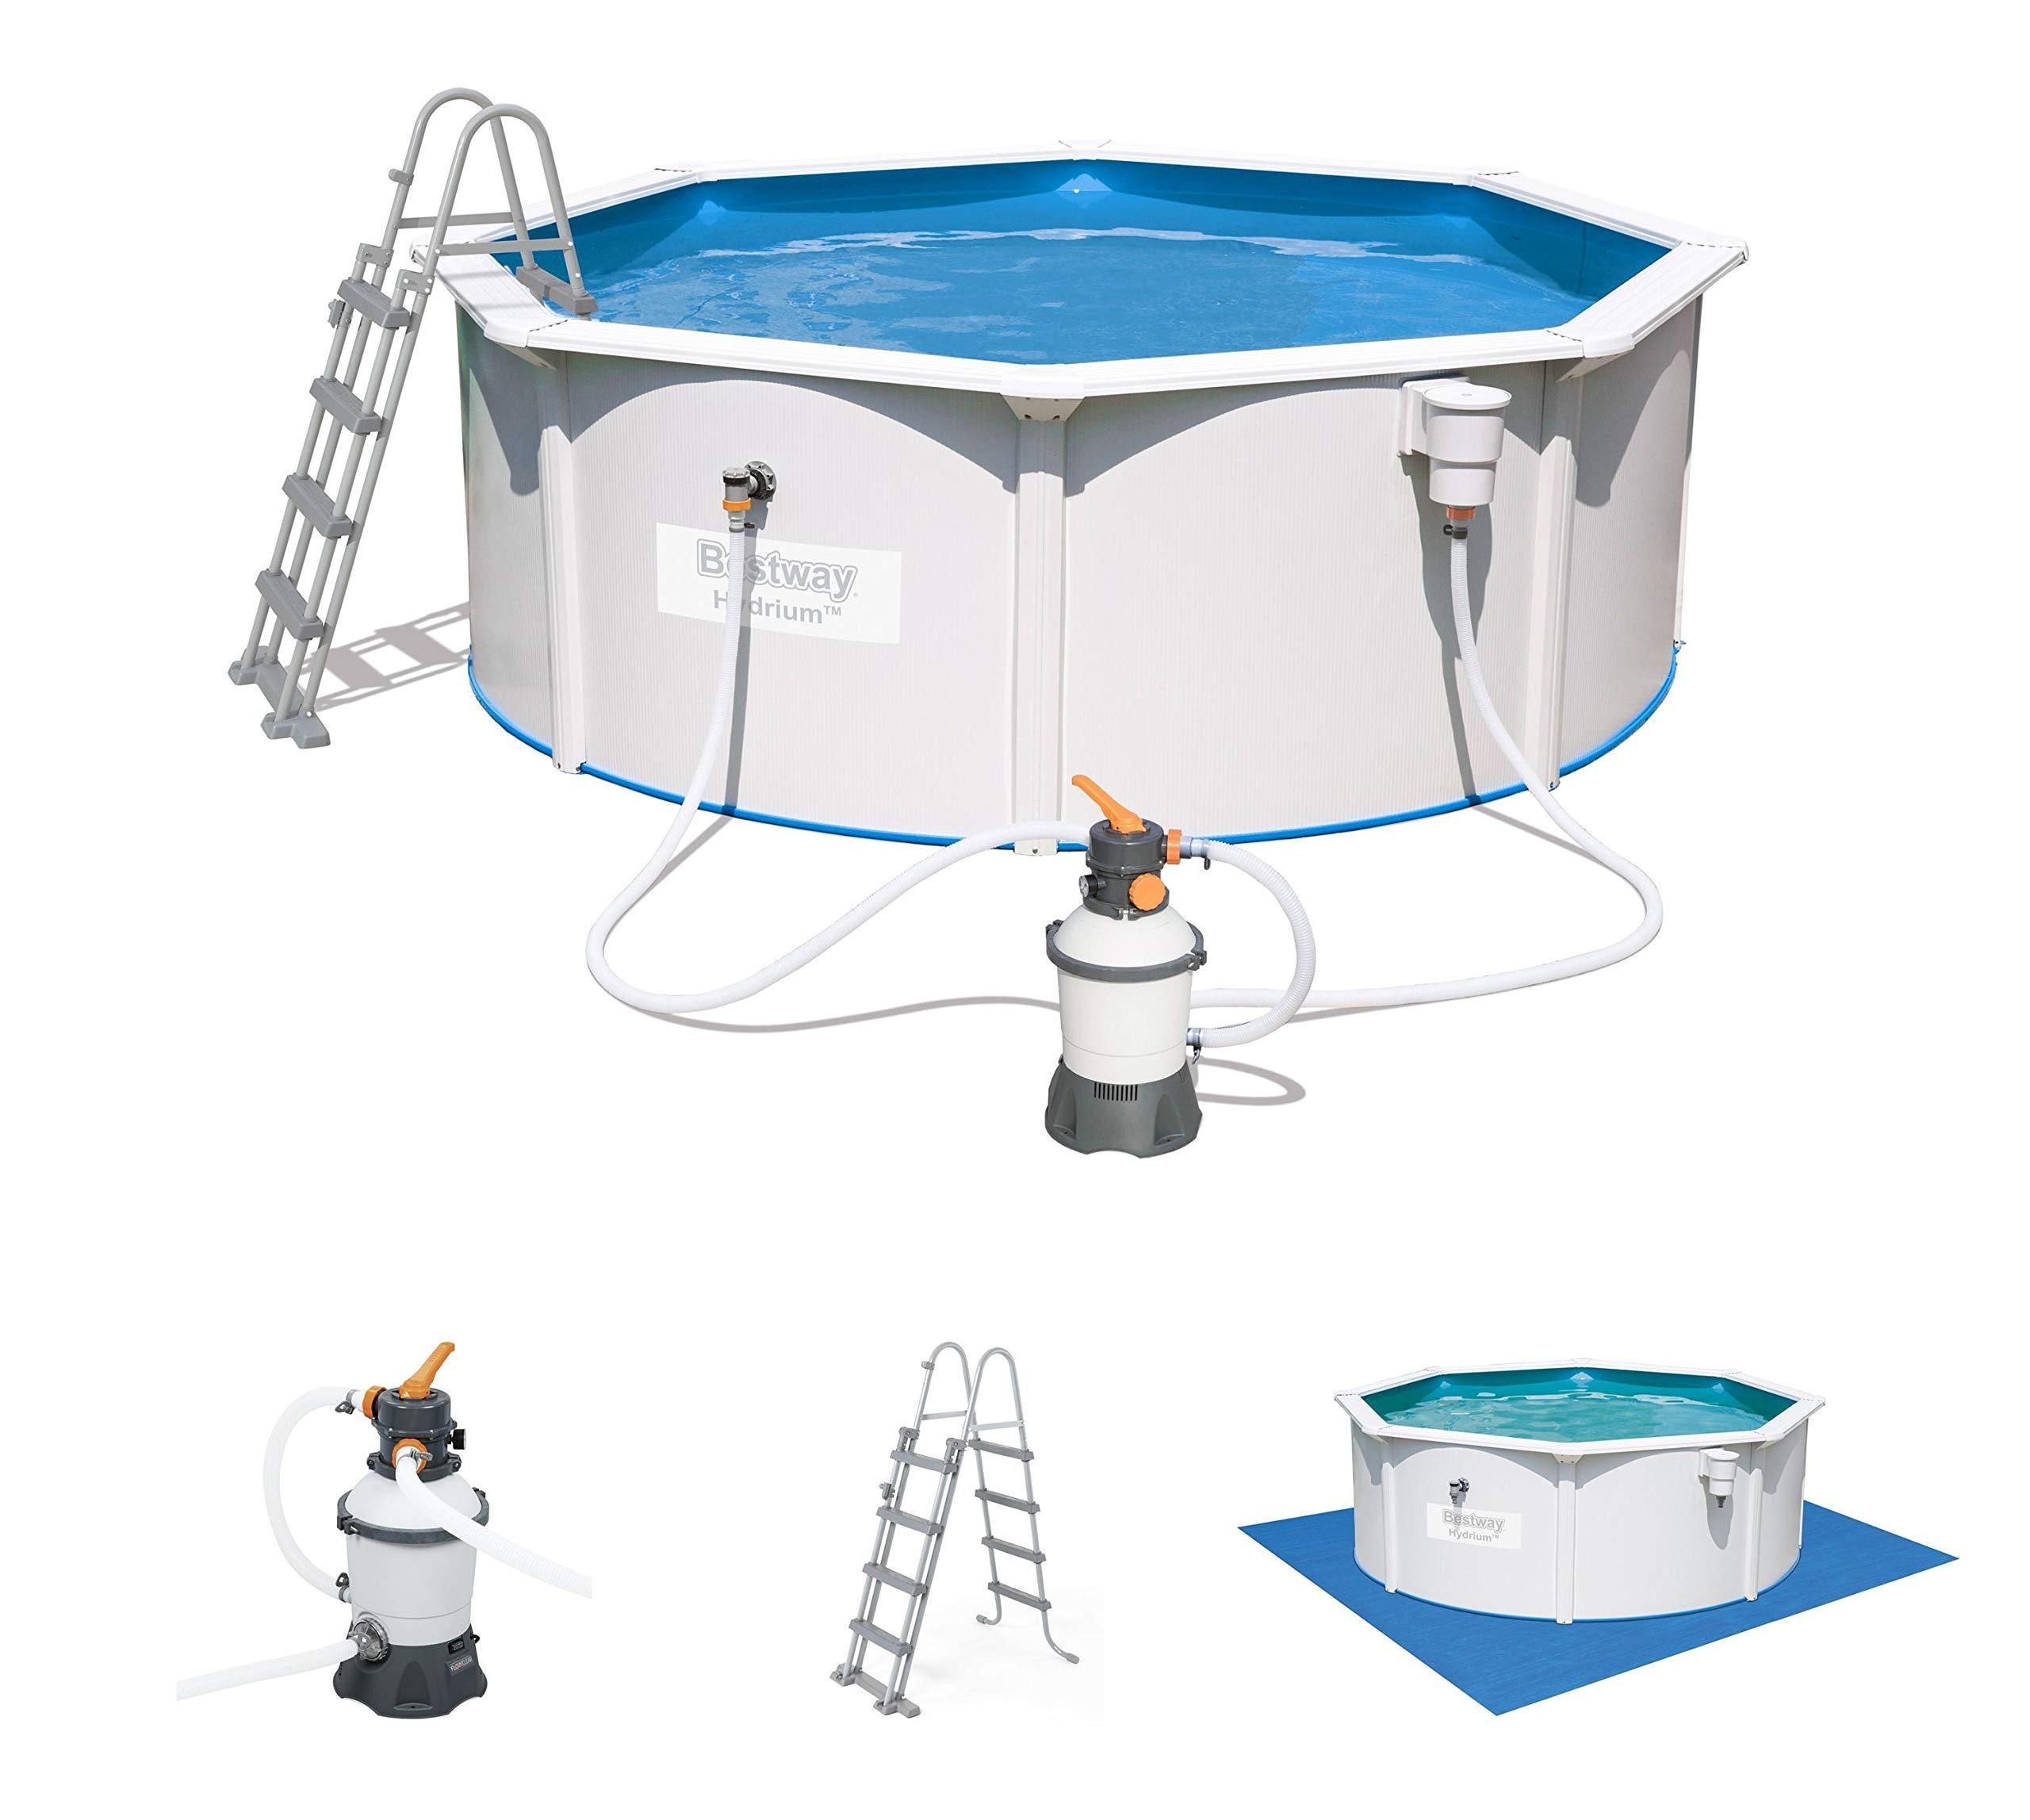 Bestway Hydrium Pool Set Piscina de Pared de Acero con Filtro de ...